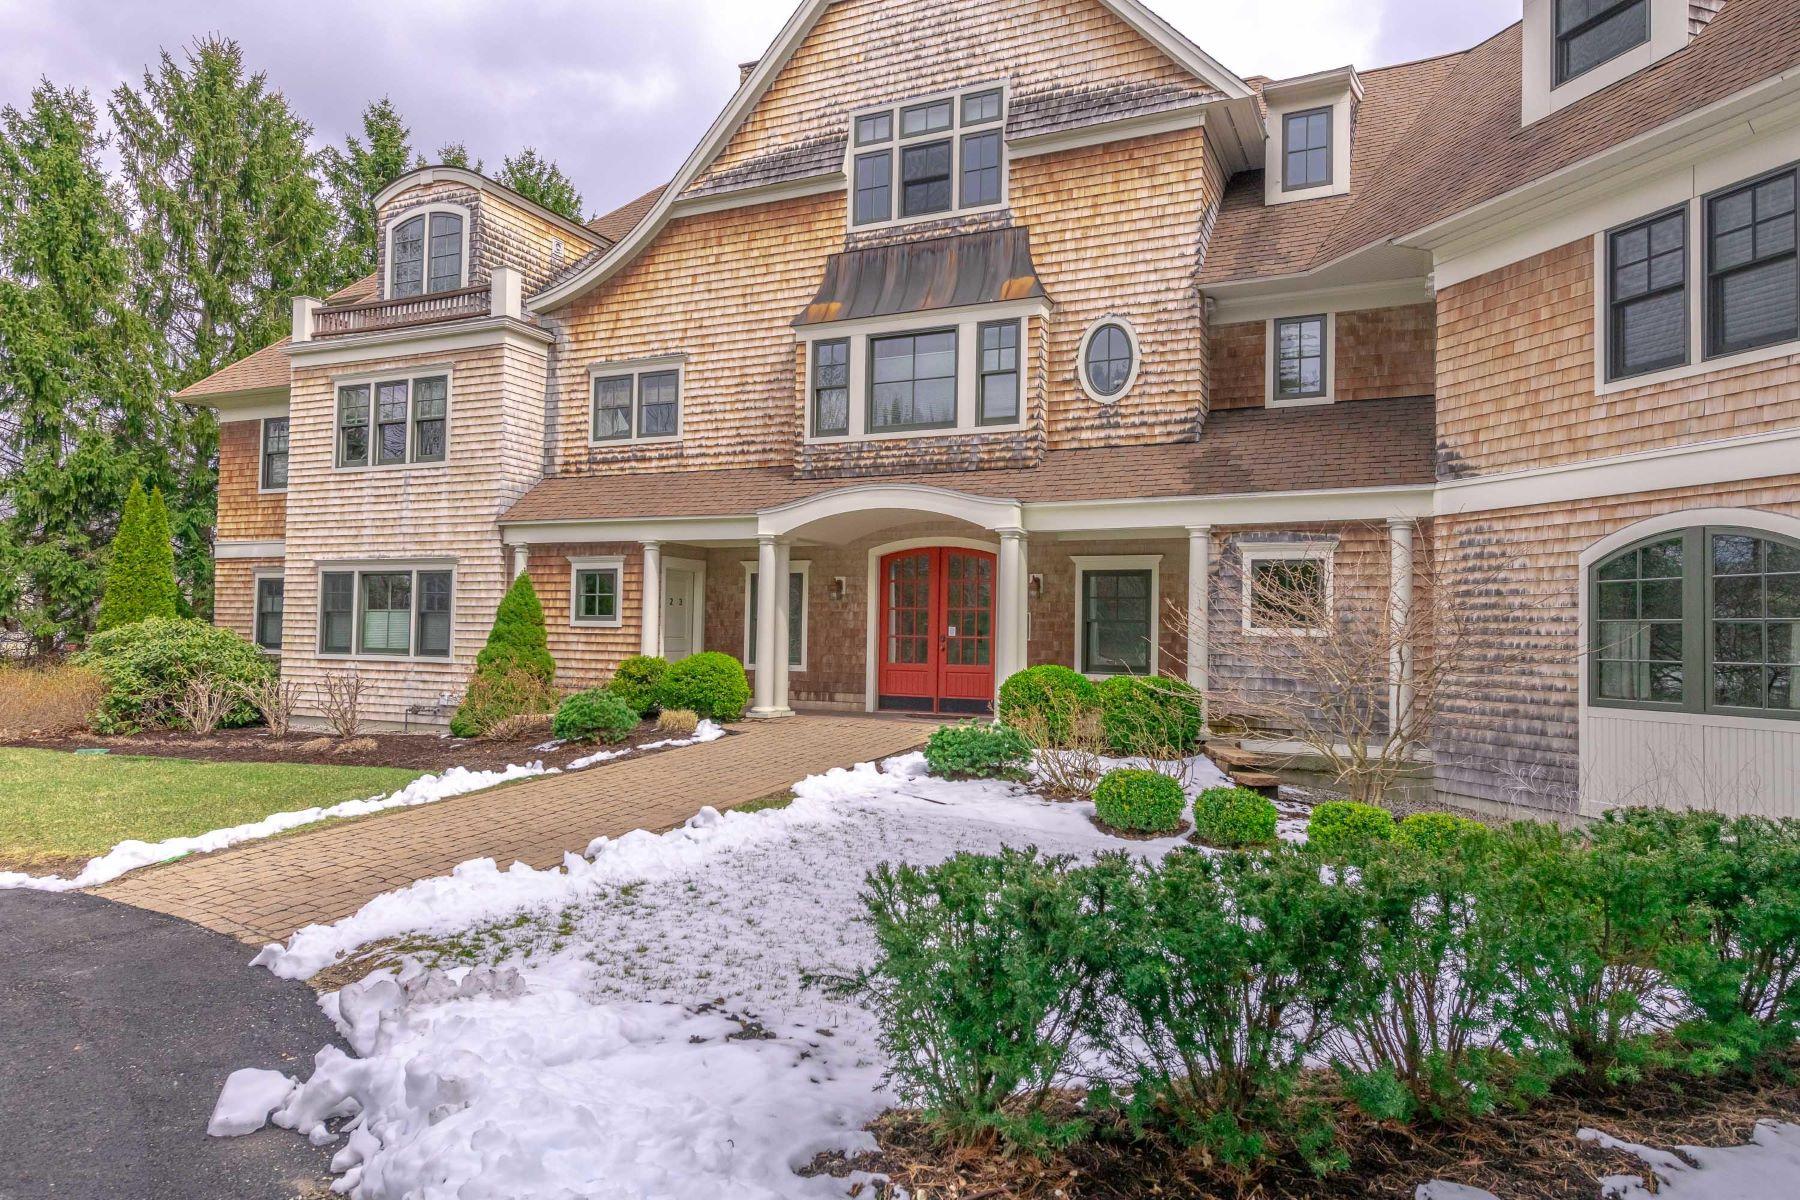 Condominiums 为 销售 在 162 Mill Pond Way 2 朴茨茅斯, 新罕布什尔州 03801 美国